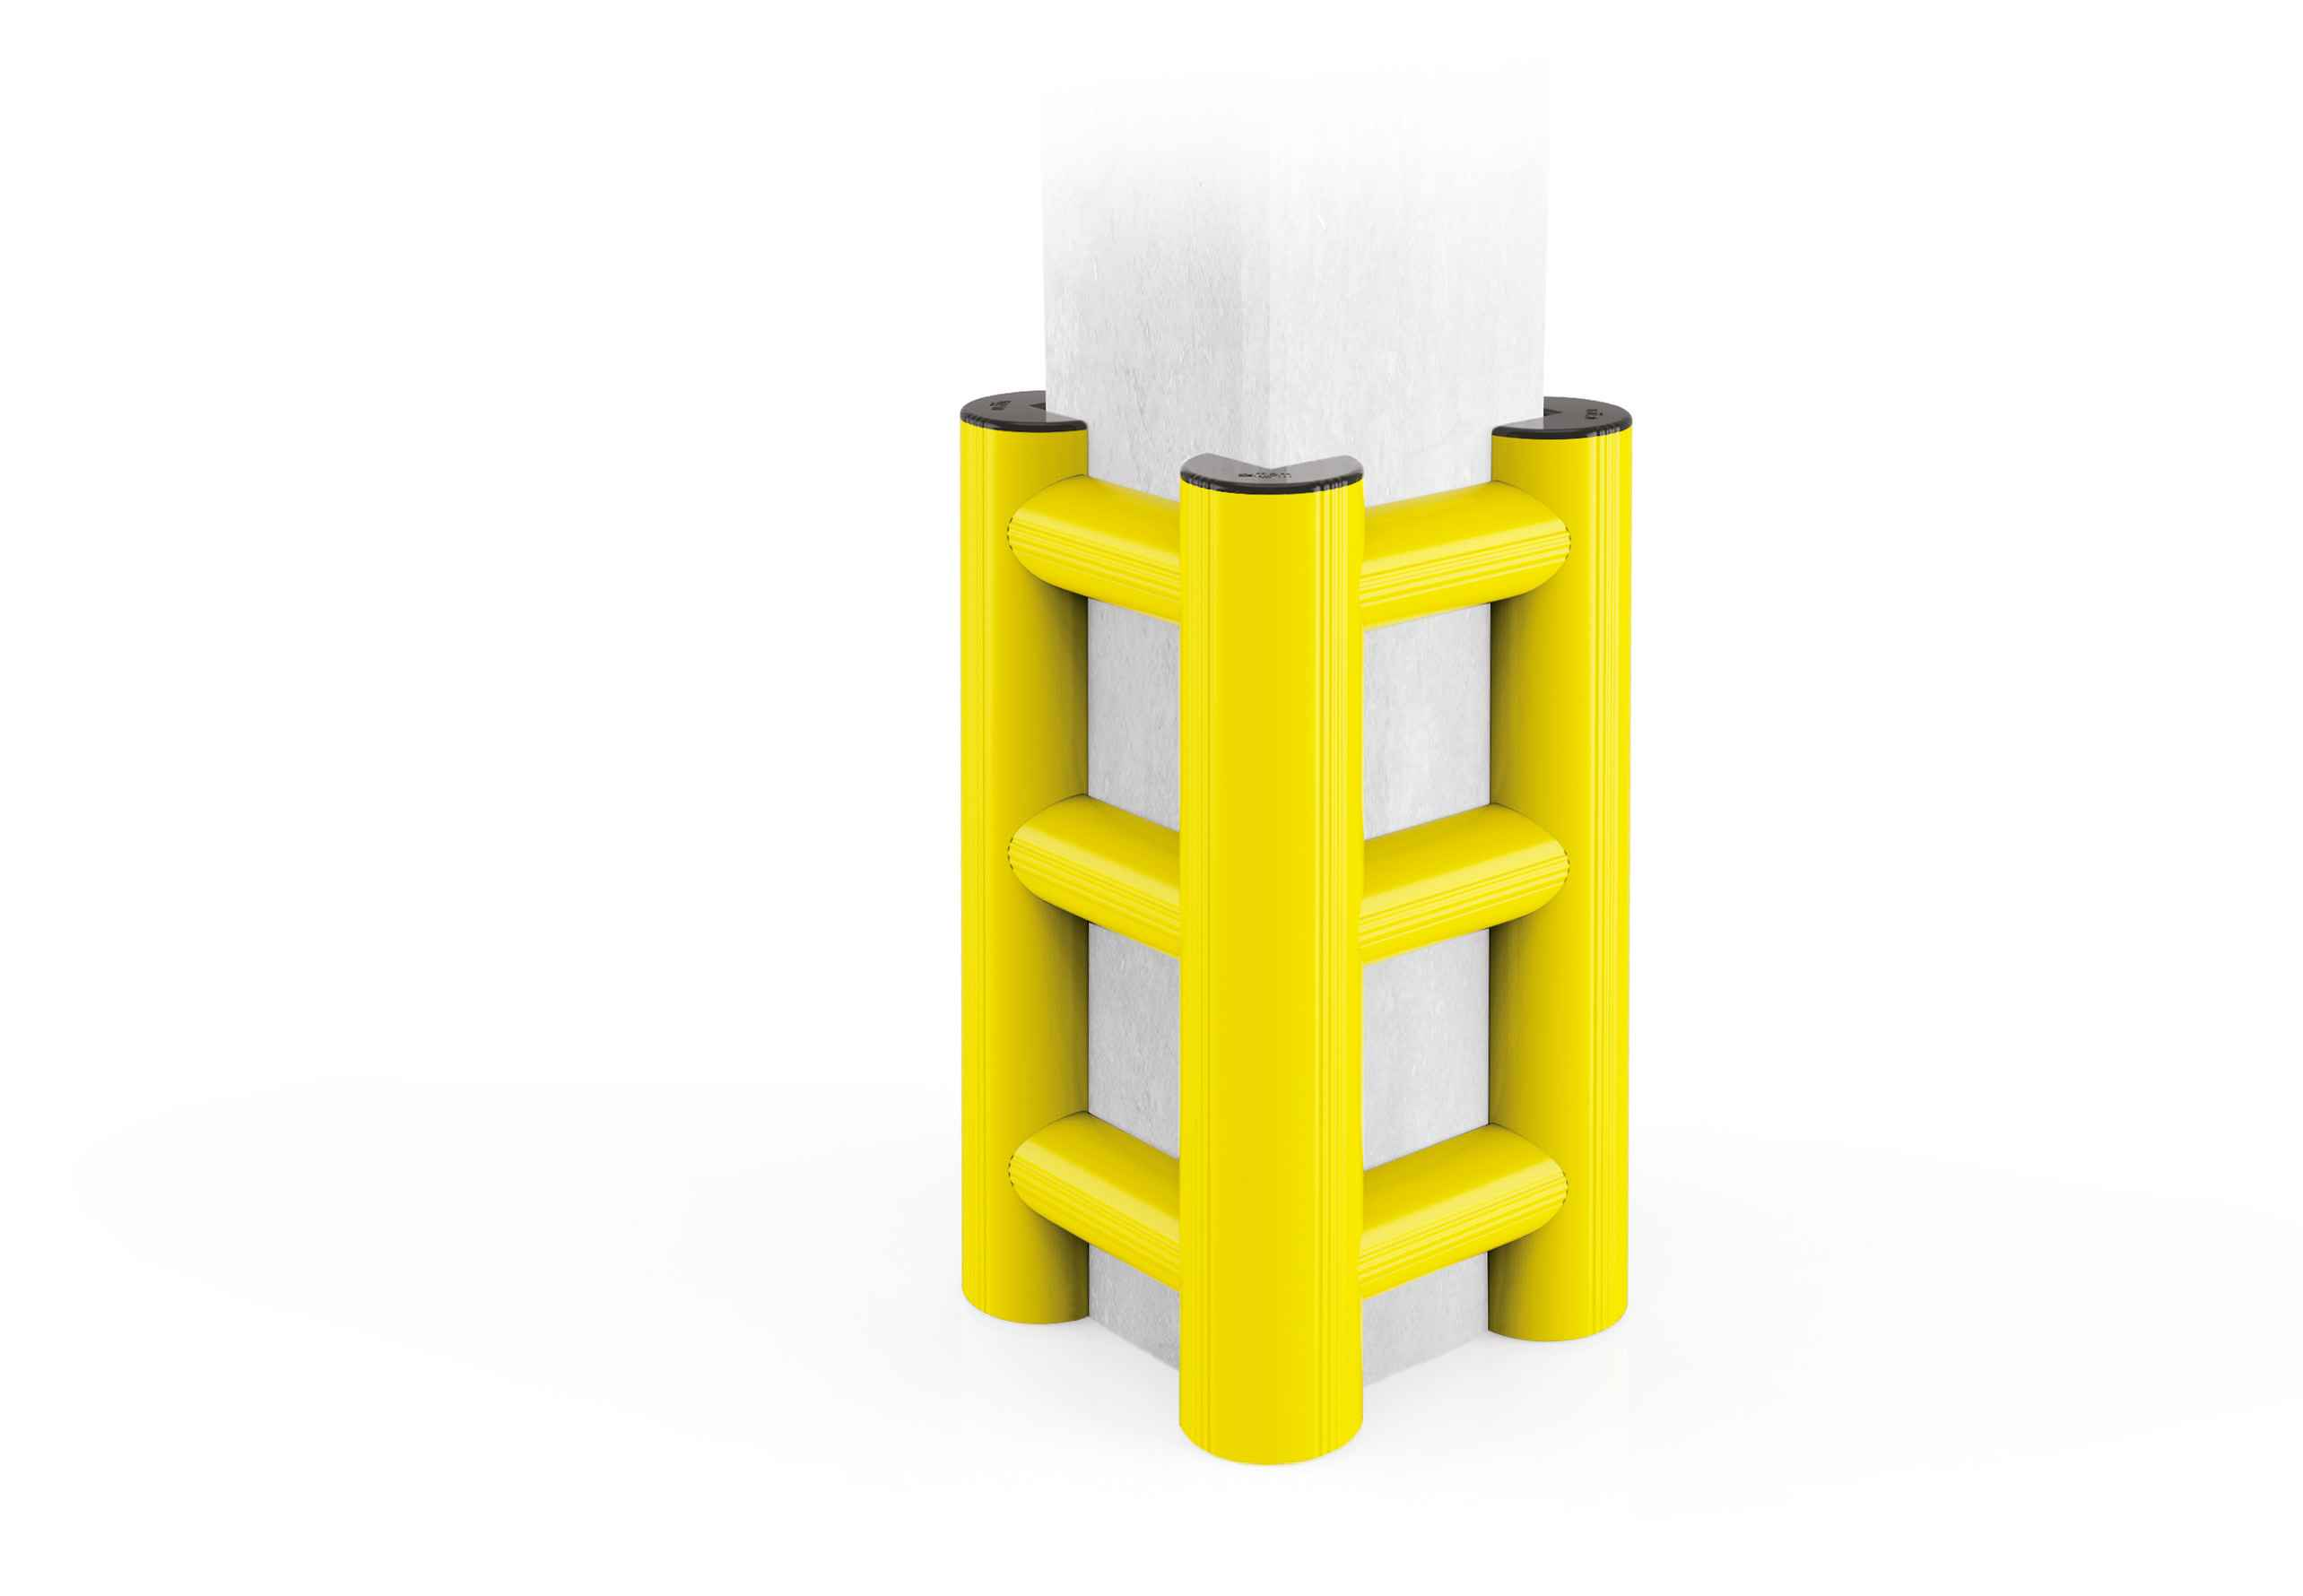 Modułowa elastyczna odbojnica do ochrony kolumn HT 500 x 500 x 1150 mm